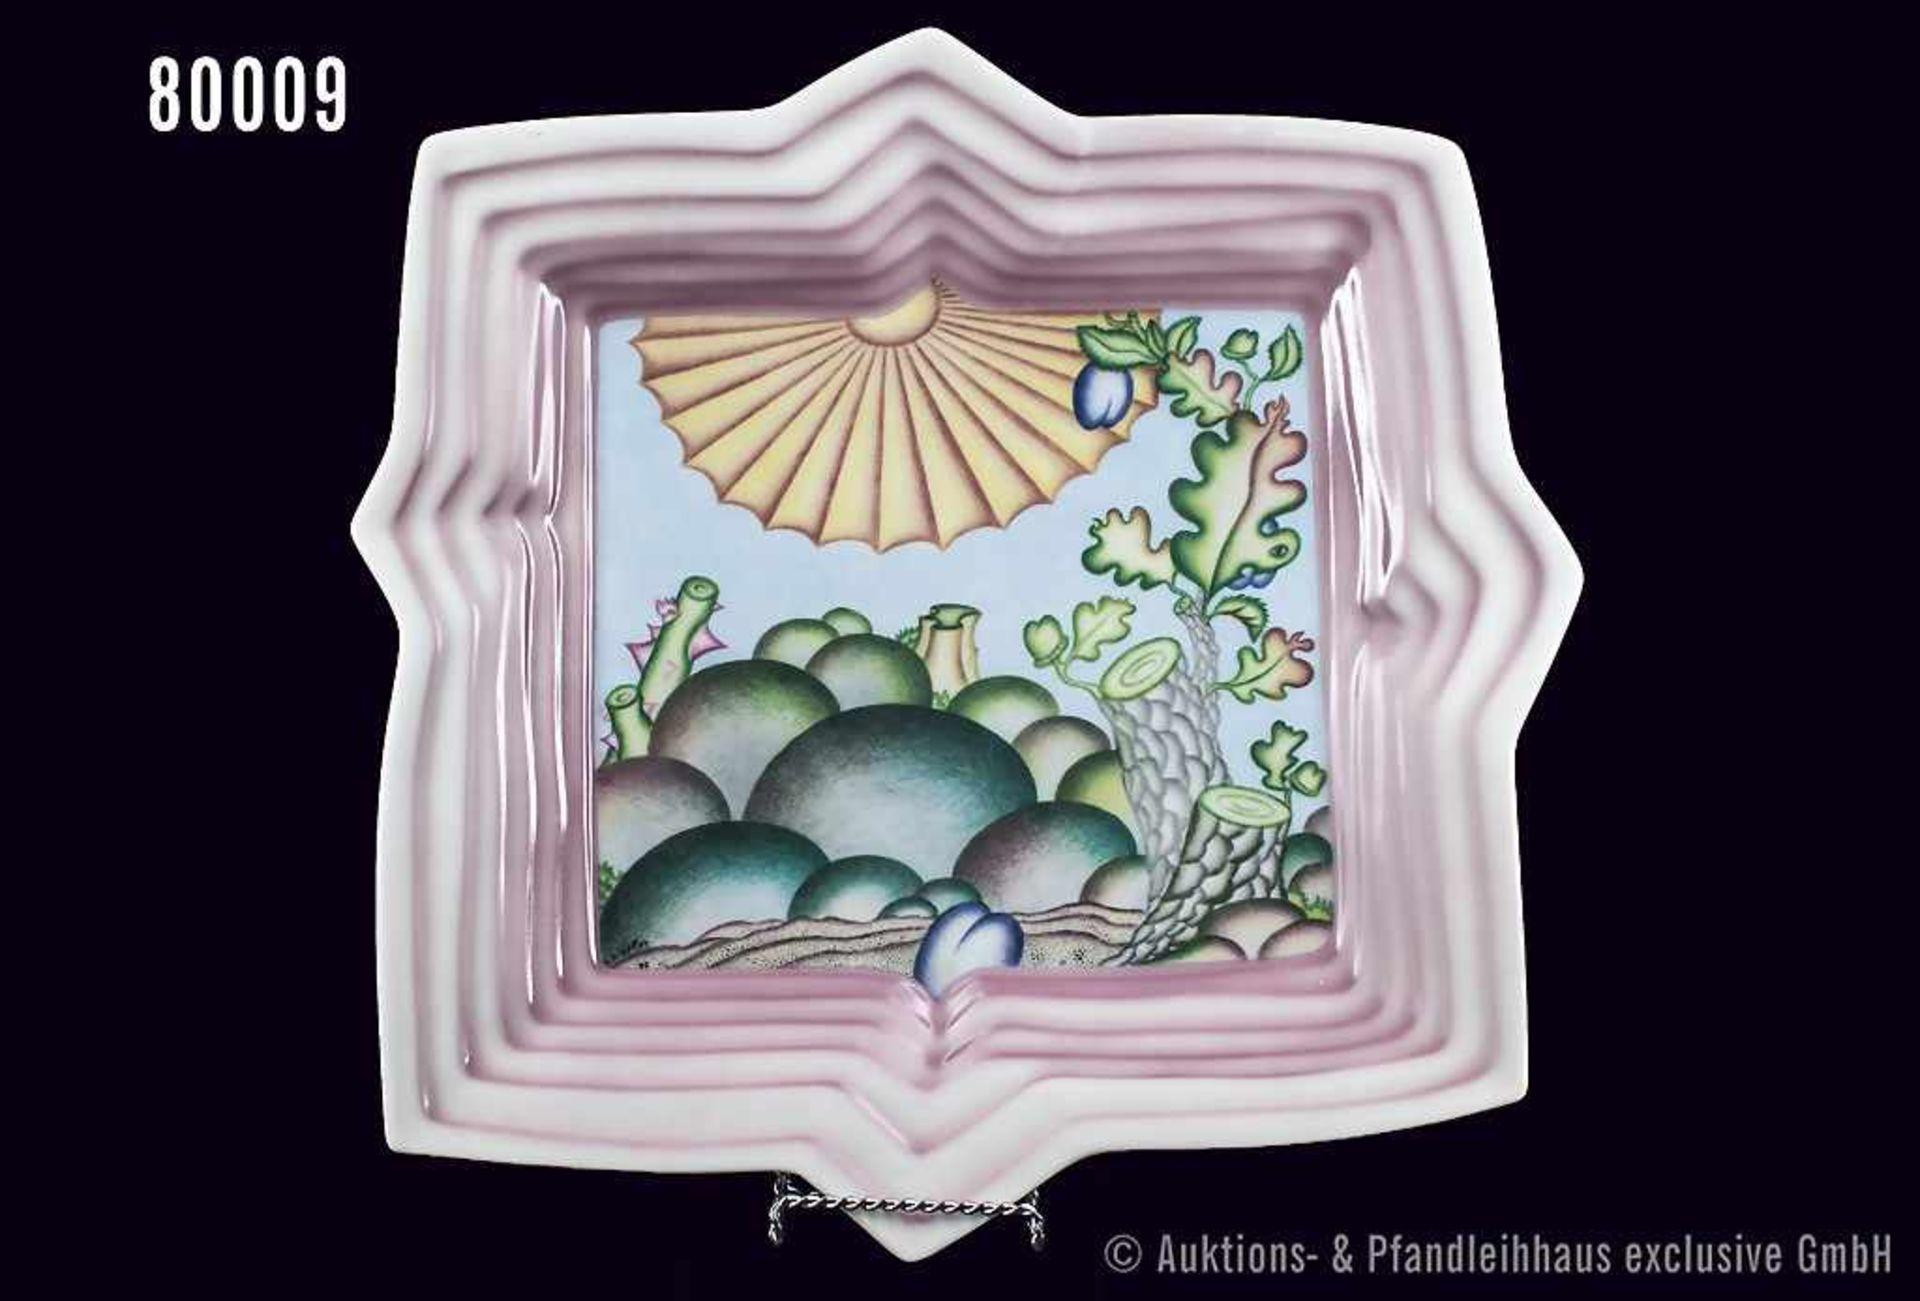 Rosenthal Porzellan, Wandrelief Jahresteller 1979, Dekor 1979 von Arnold Leissler, D ca. 35 cm,